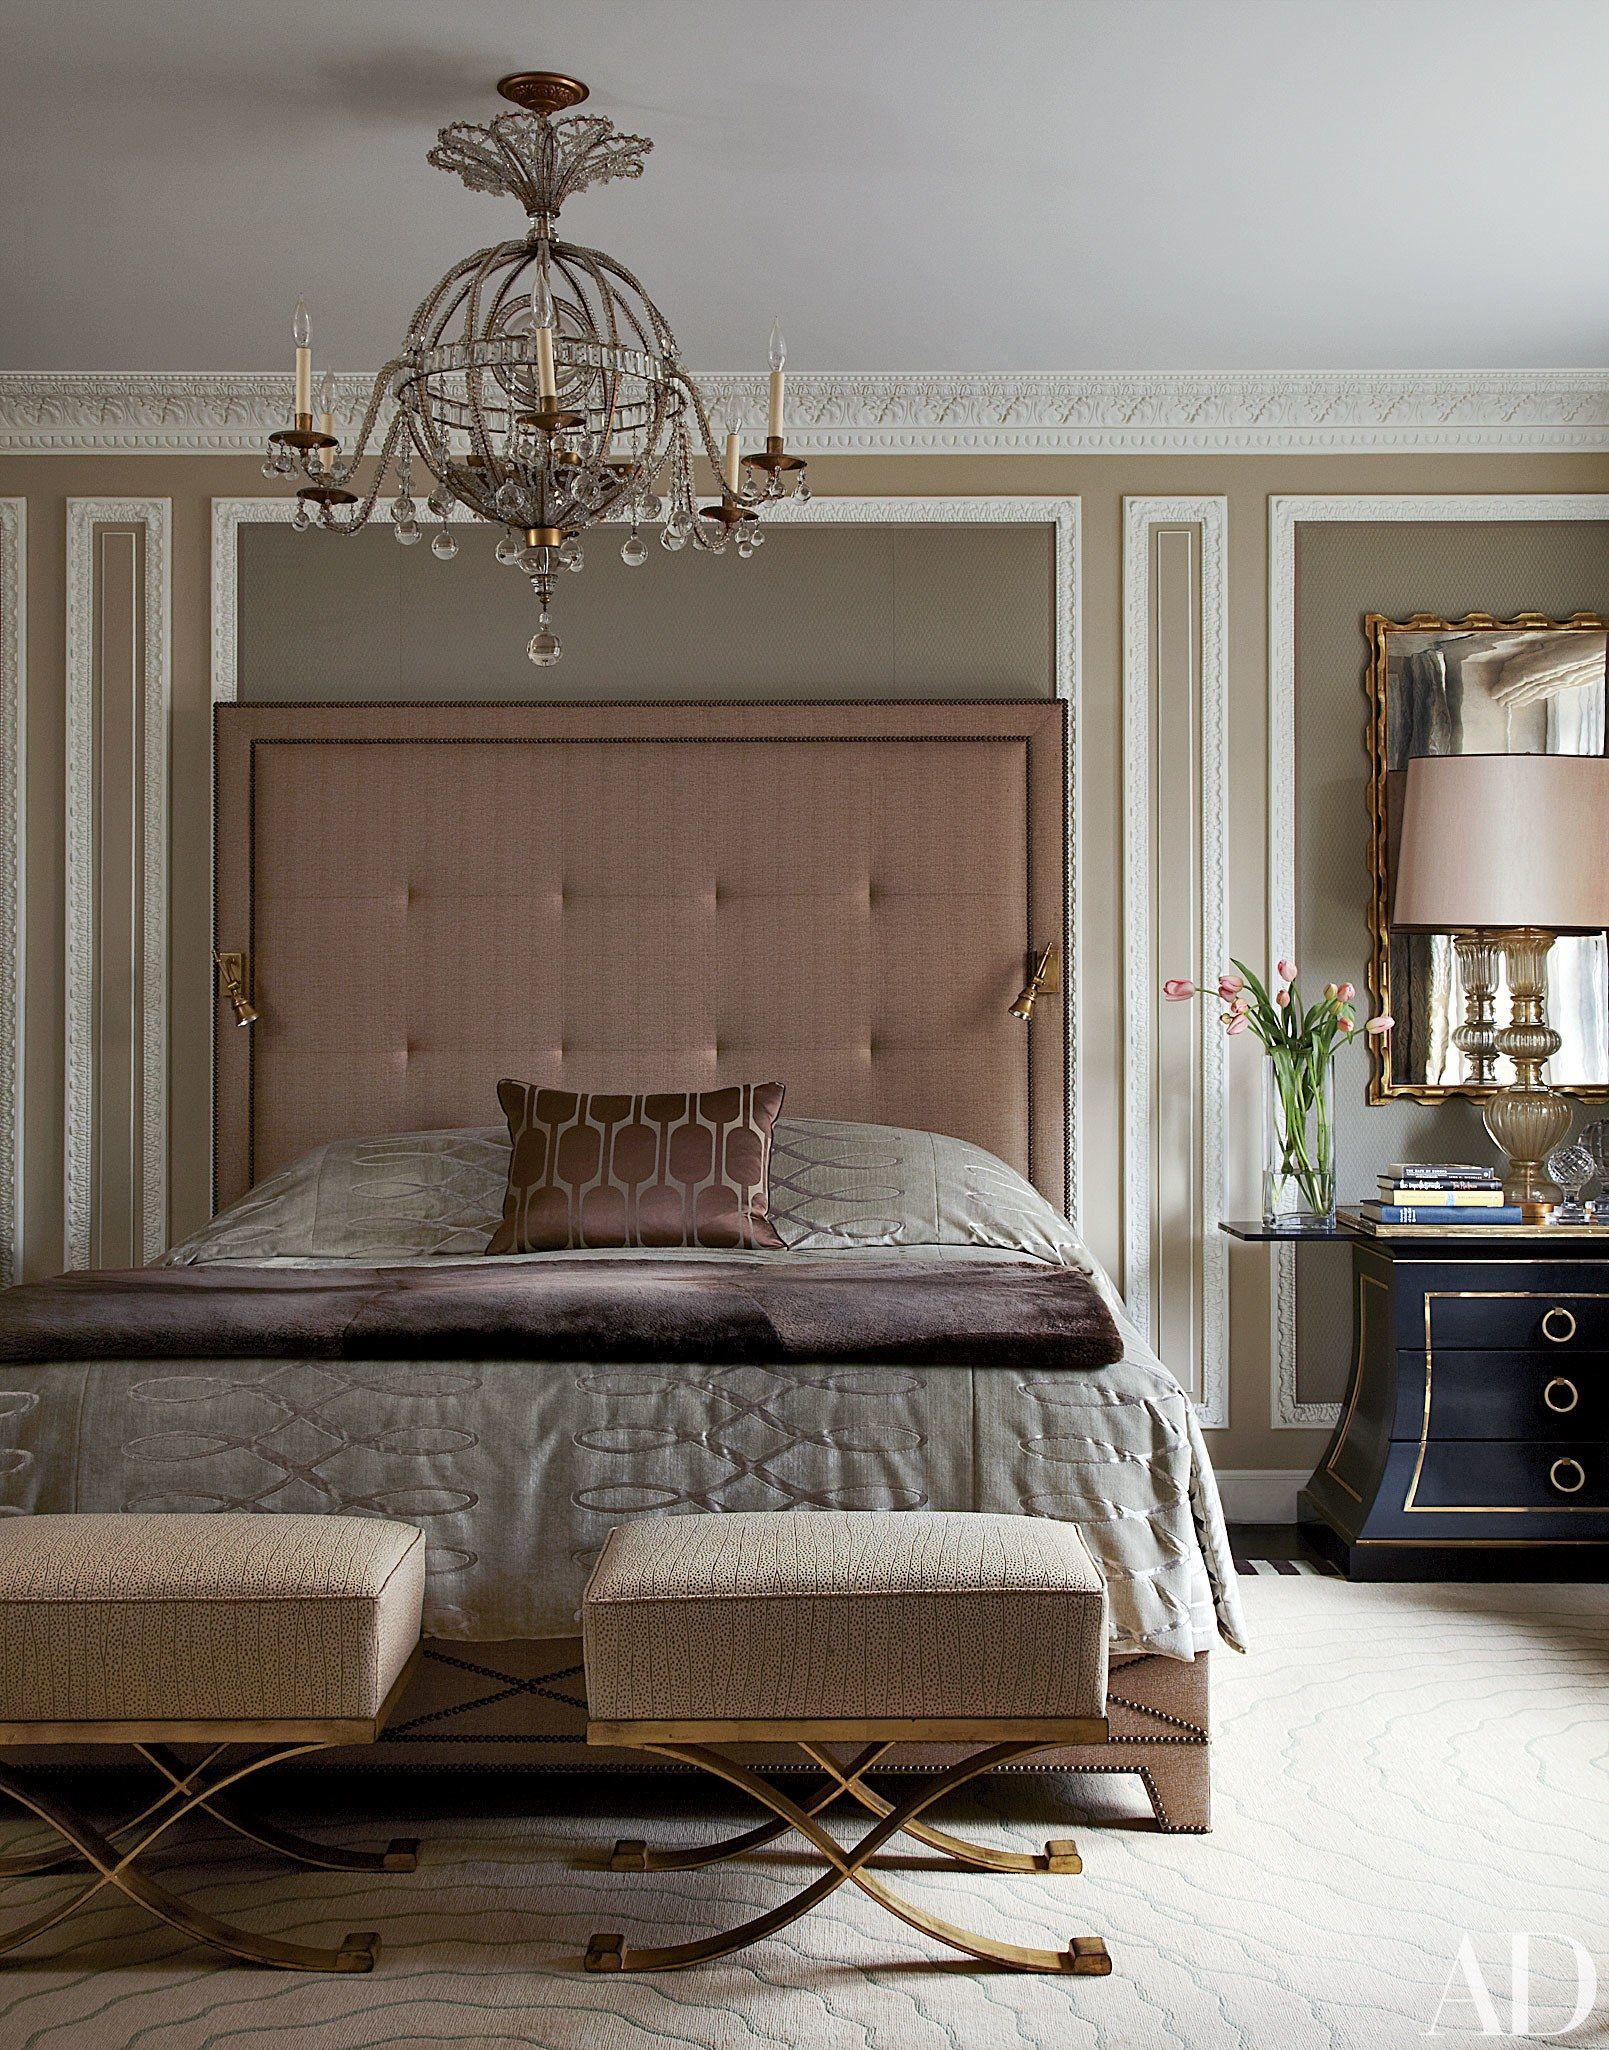 30 Headboards To Inspire Your Next Bedroom Redo Bedroom Interior